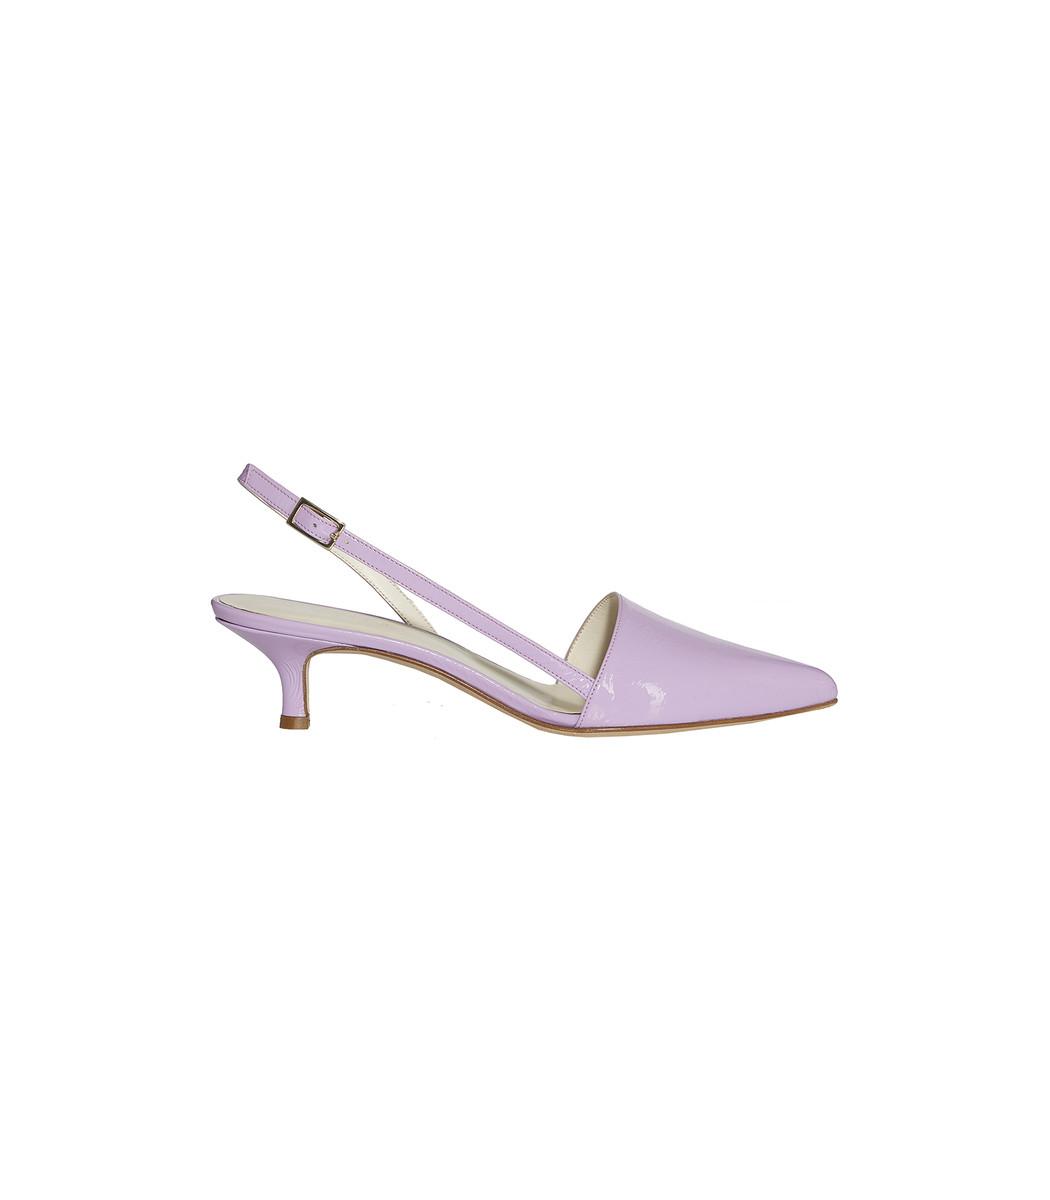 6836272d76d Tibi Lavender Simon Heels